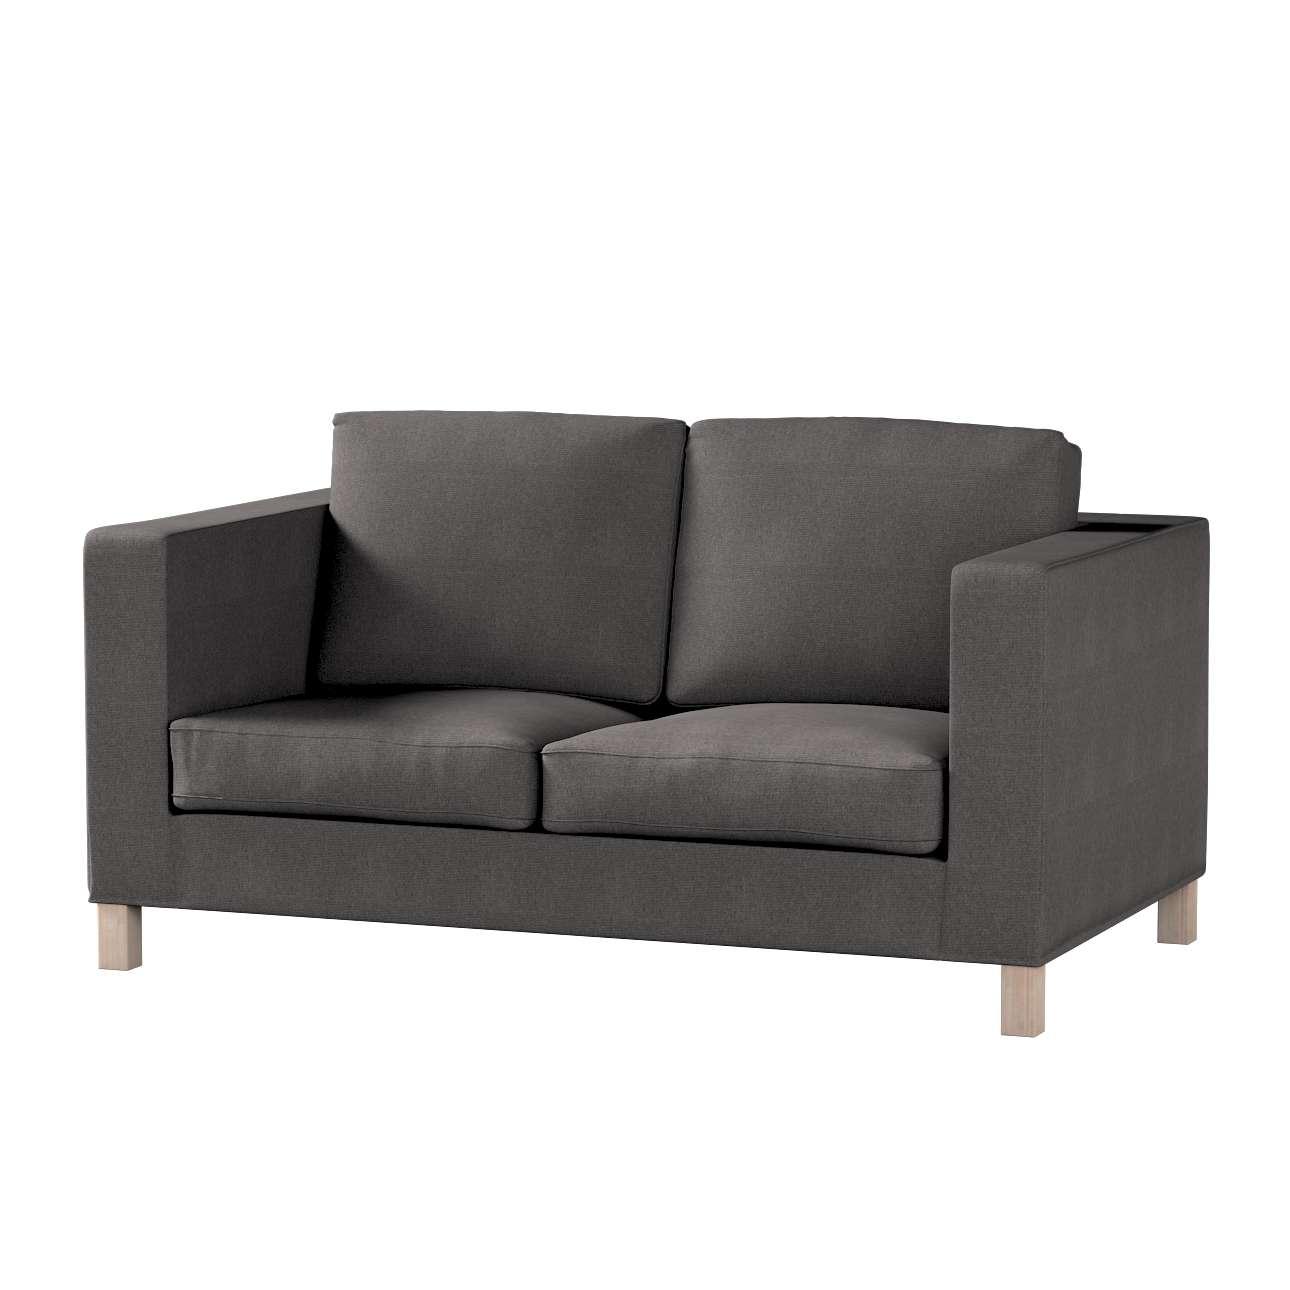 Karlanda klädsel<br>2-sits soffa - kort klädsel i kollektionen Etna, Tyg: 705-35